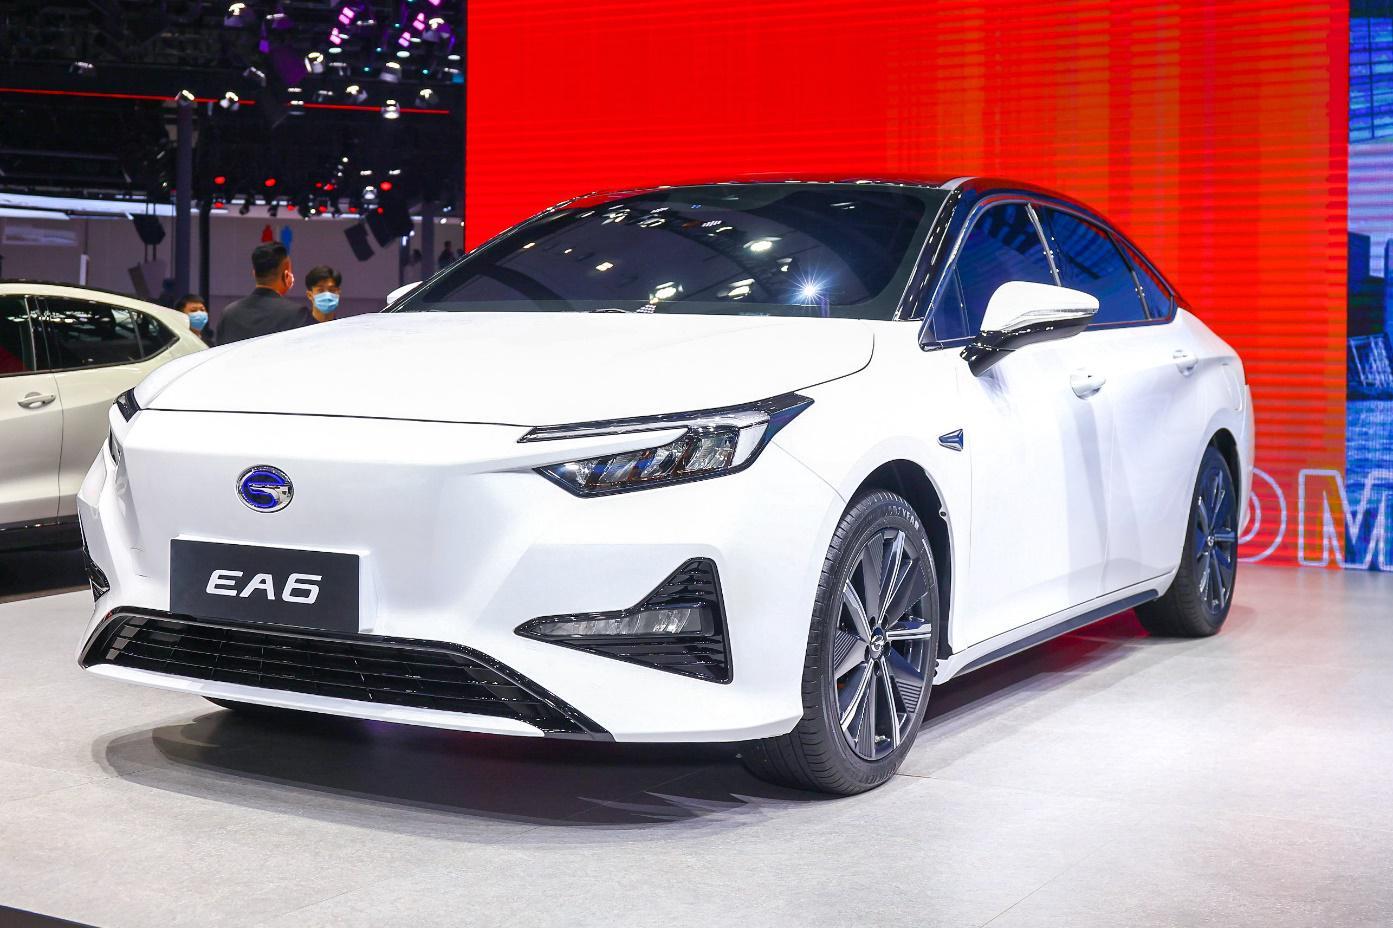 驾驶表现可能有惊喜?解读广汽本田首款纯电轿车EA6